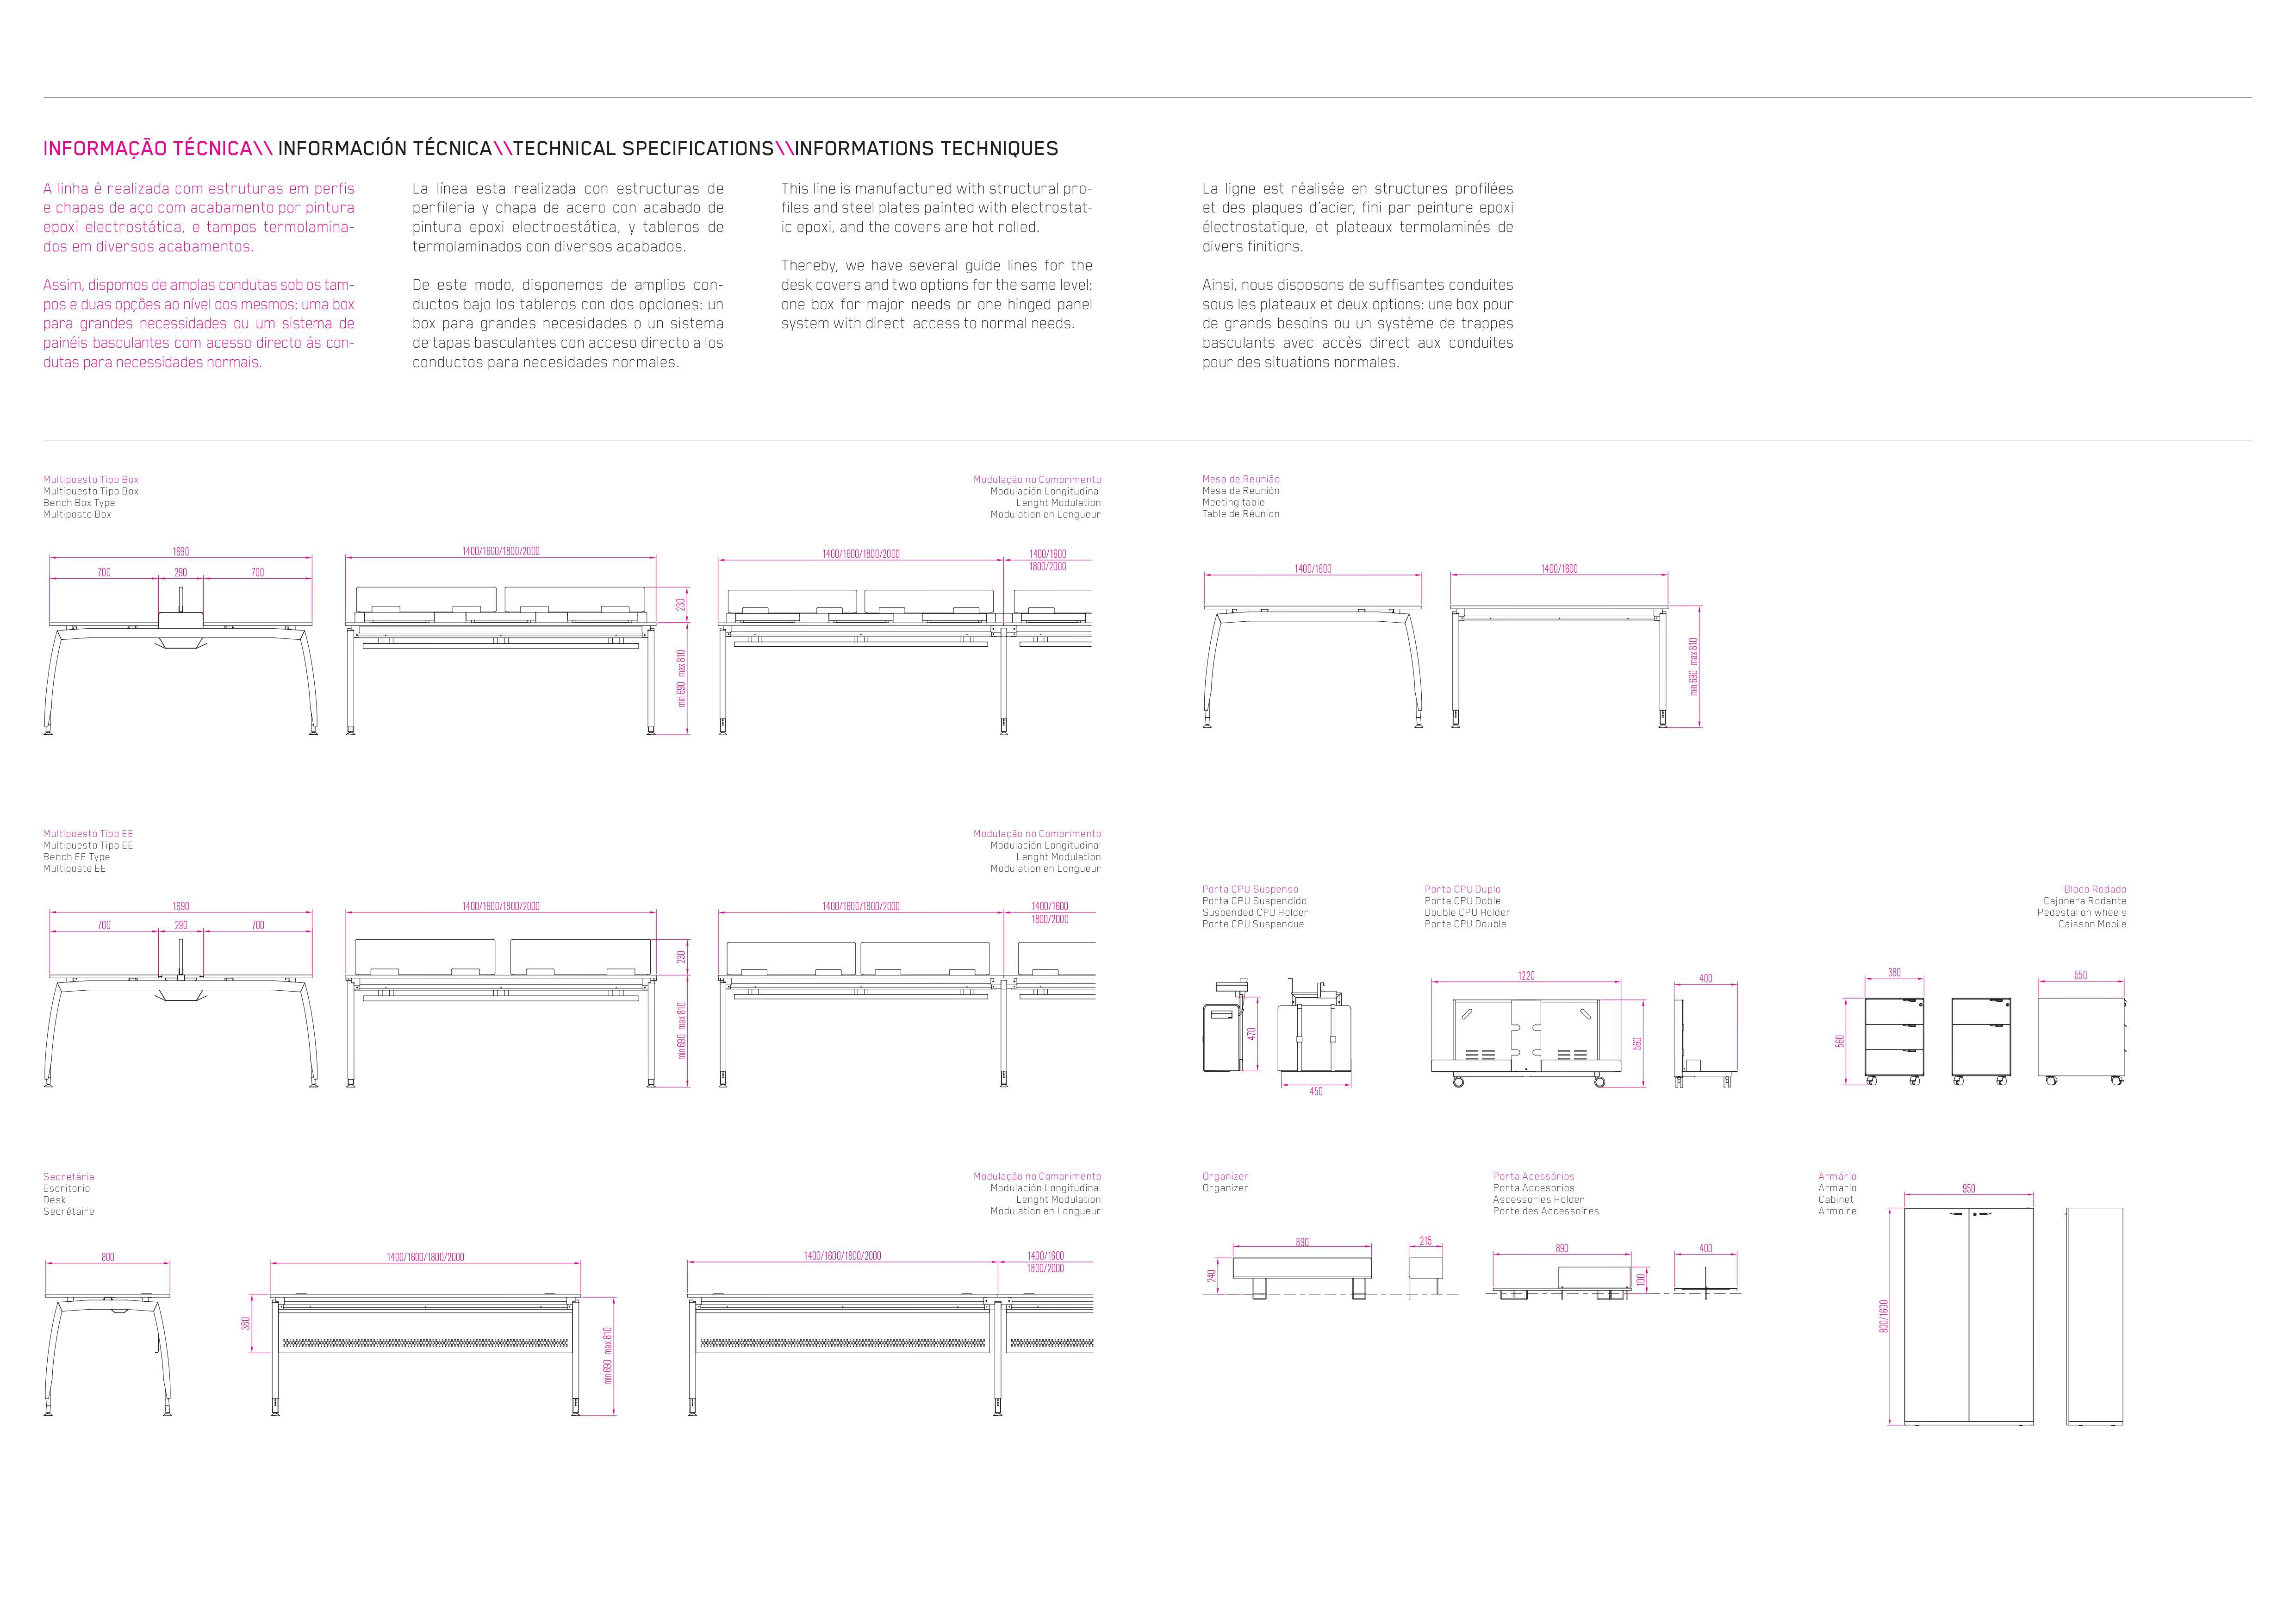 Descrição técnica Linha web2